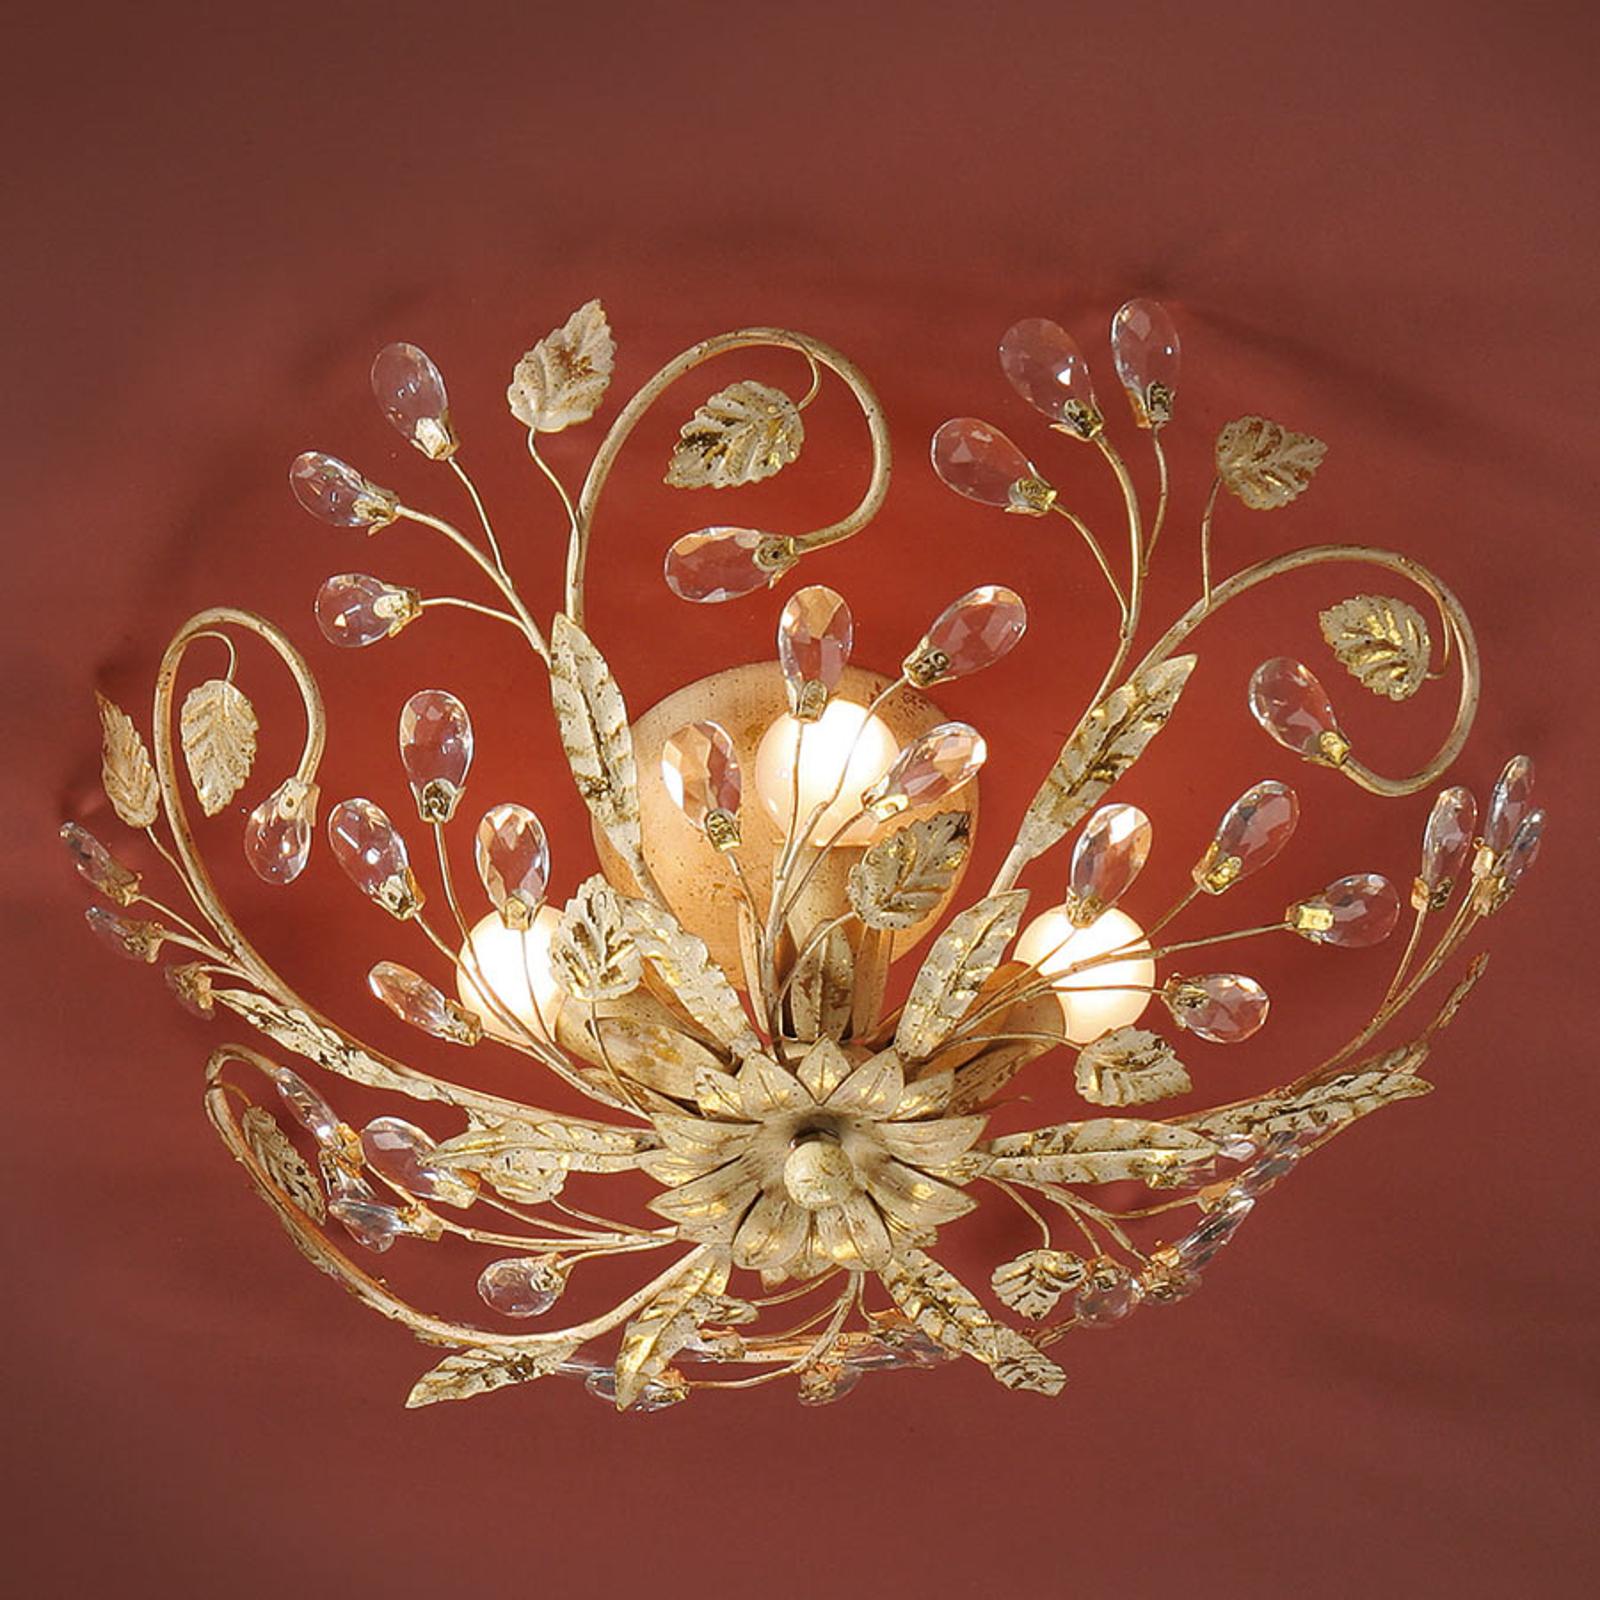 Florentine-tyylin kattovalaisin Verdi LEDeillä